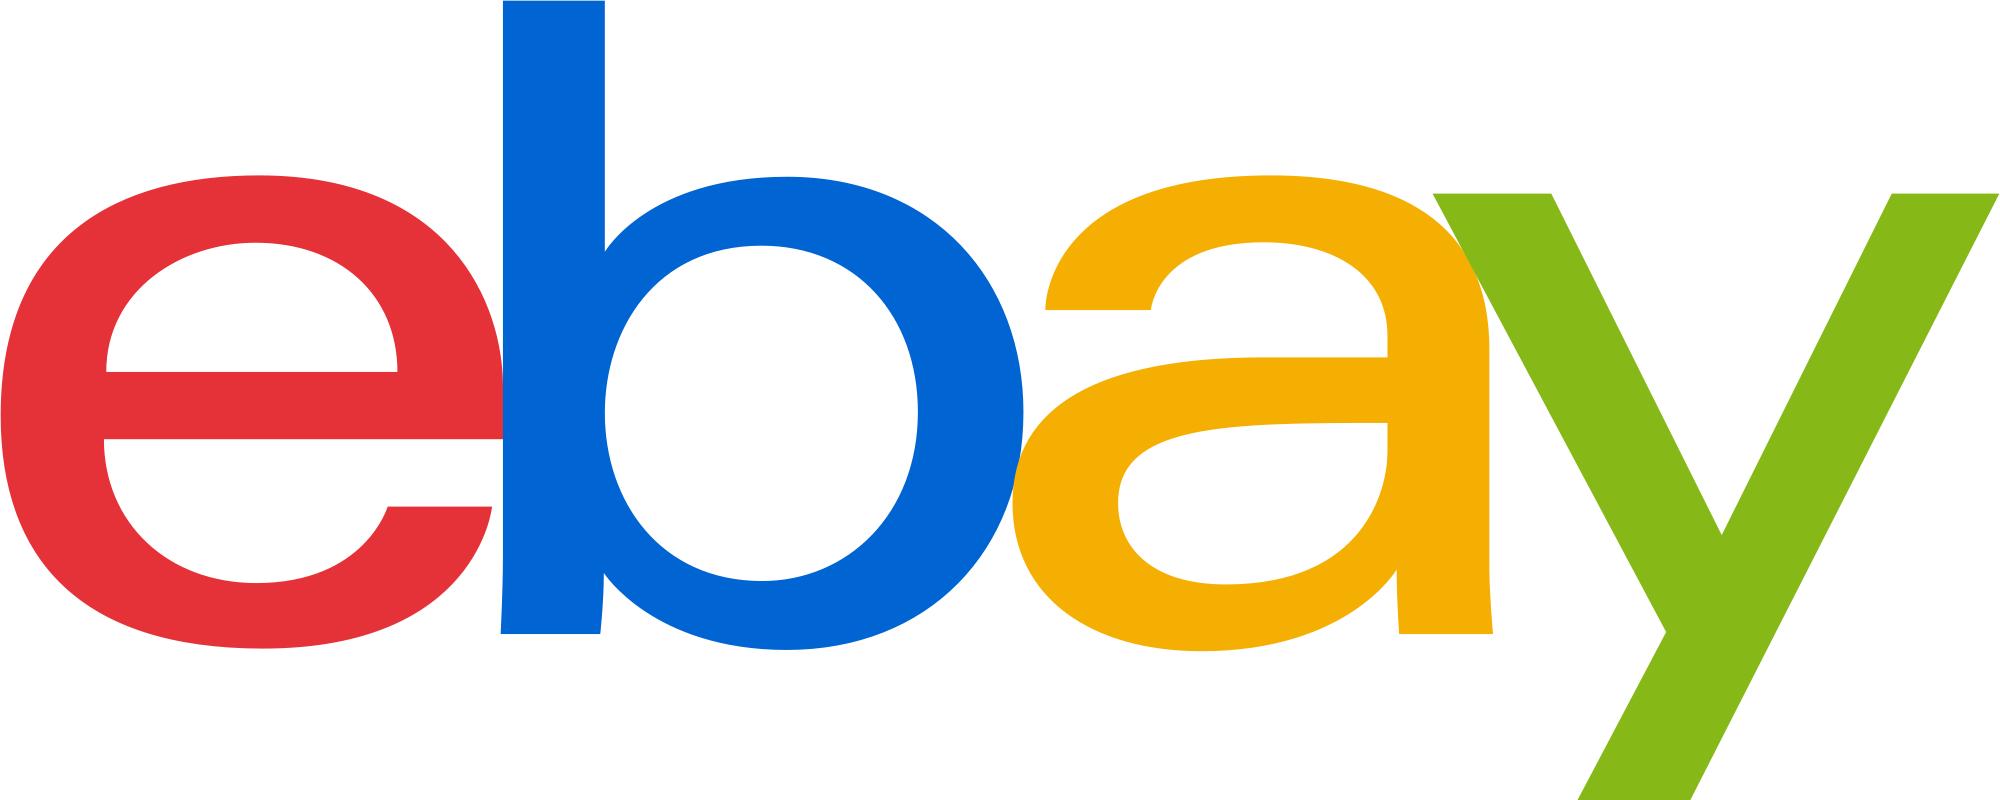 Cyber Week Deals bei eBay, die Übersicht der interessanten Hourly Deals